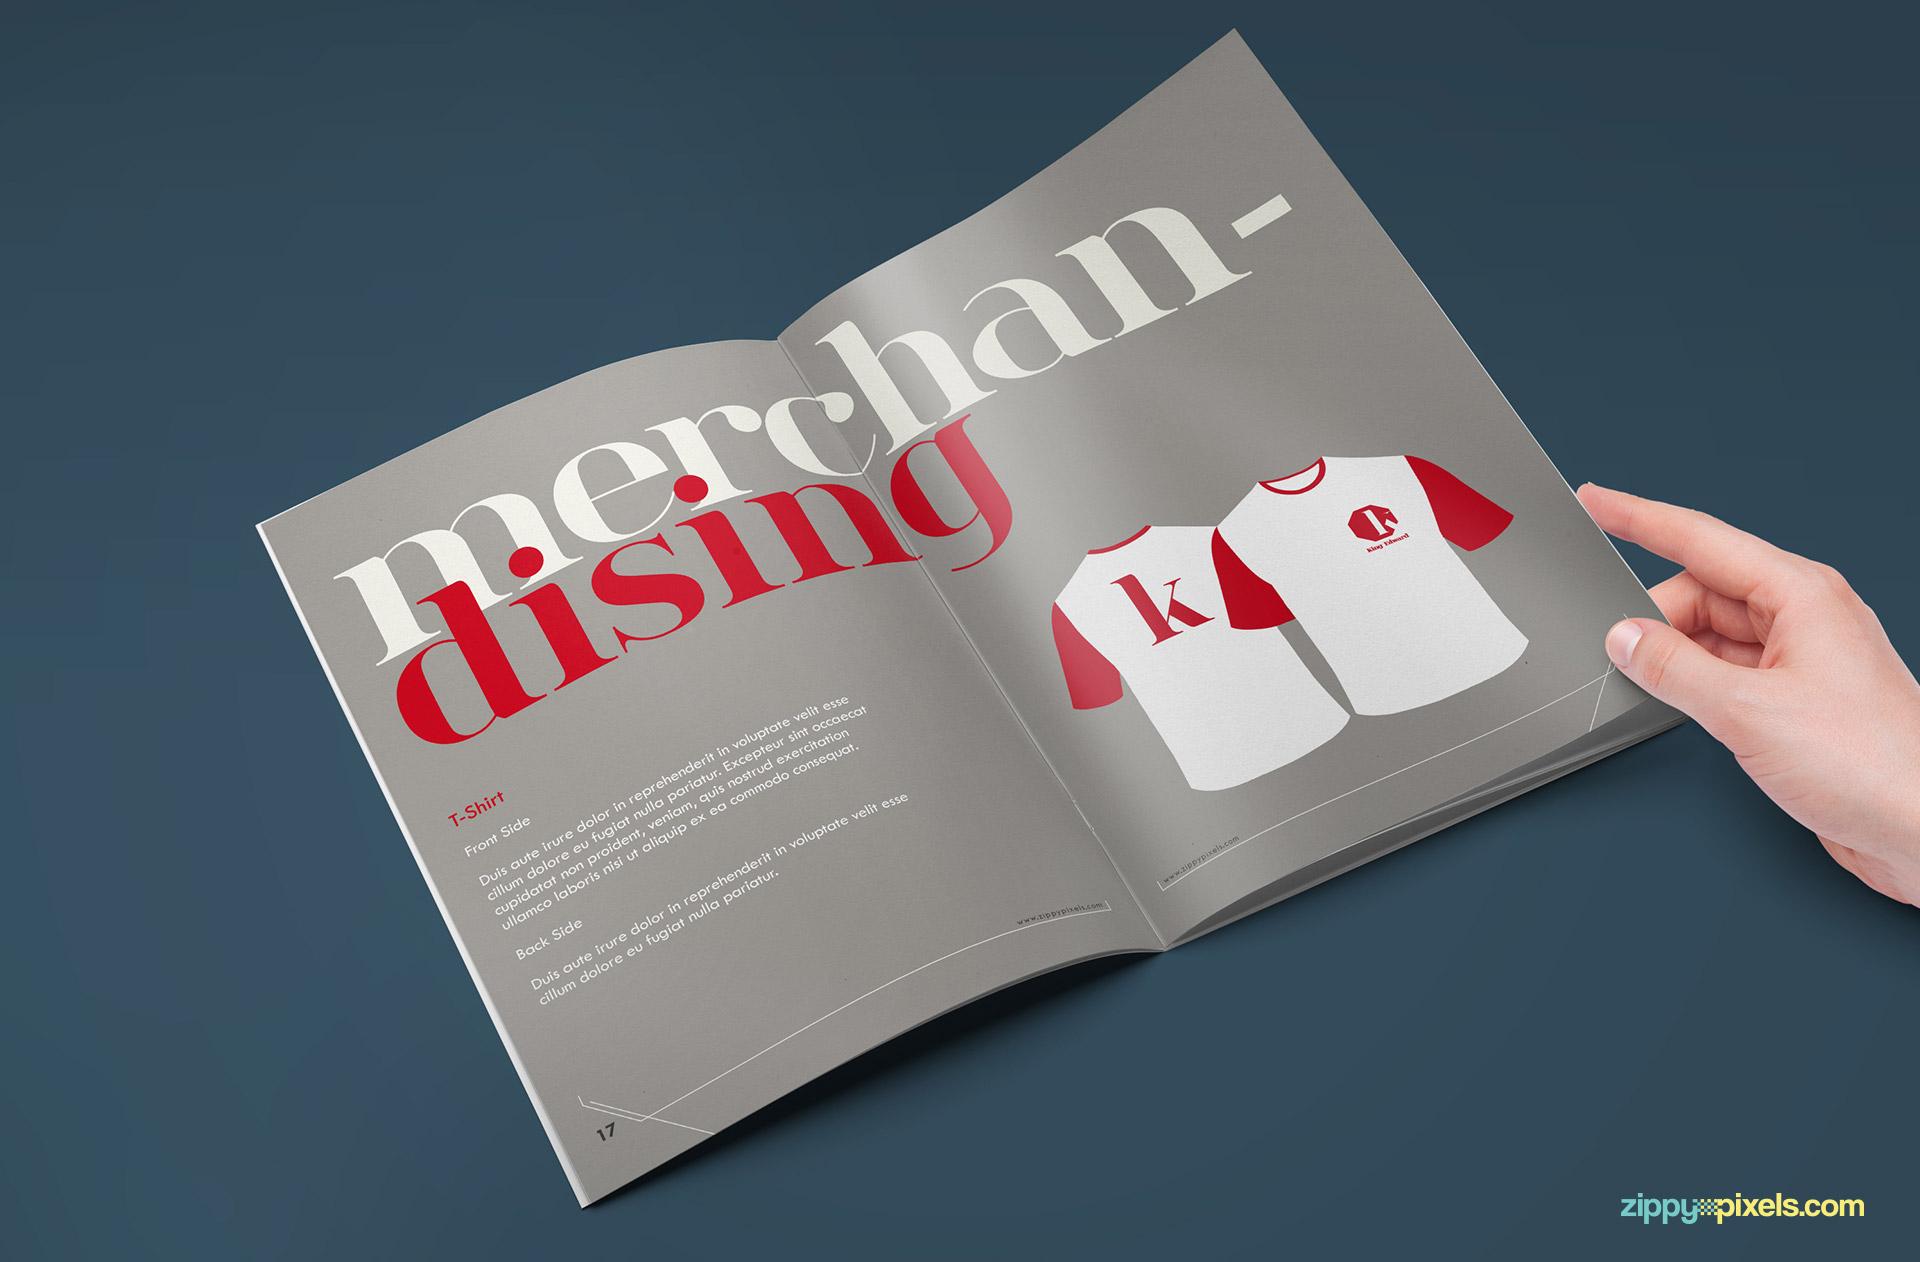 12-brand-book-10-merchandising